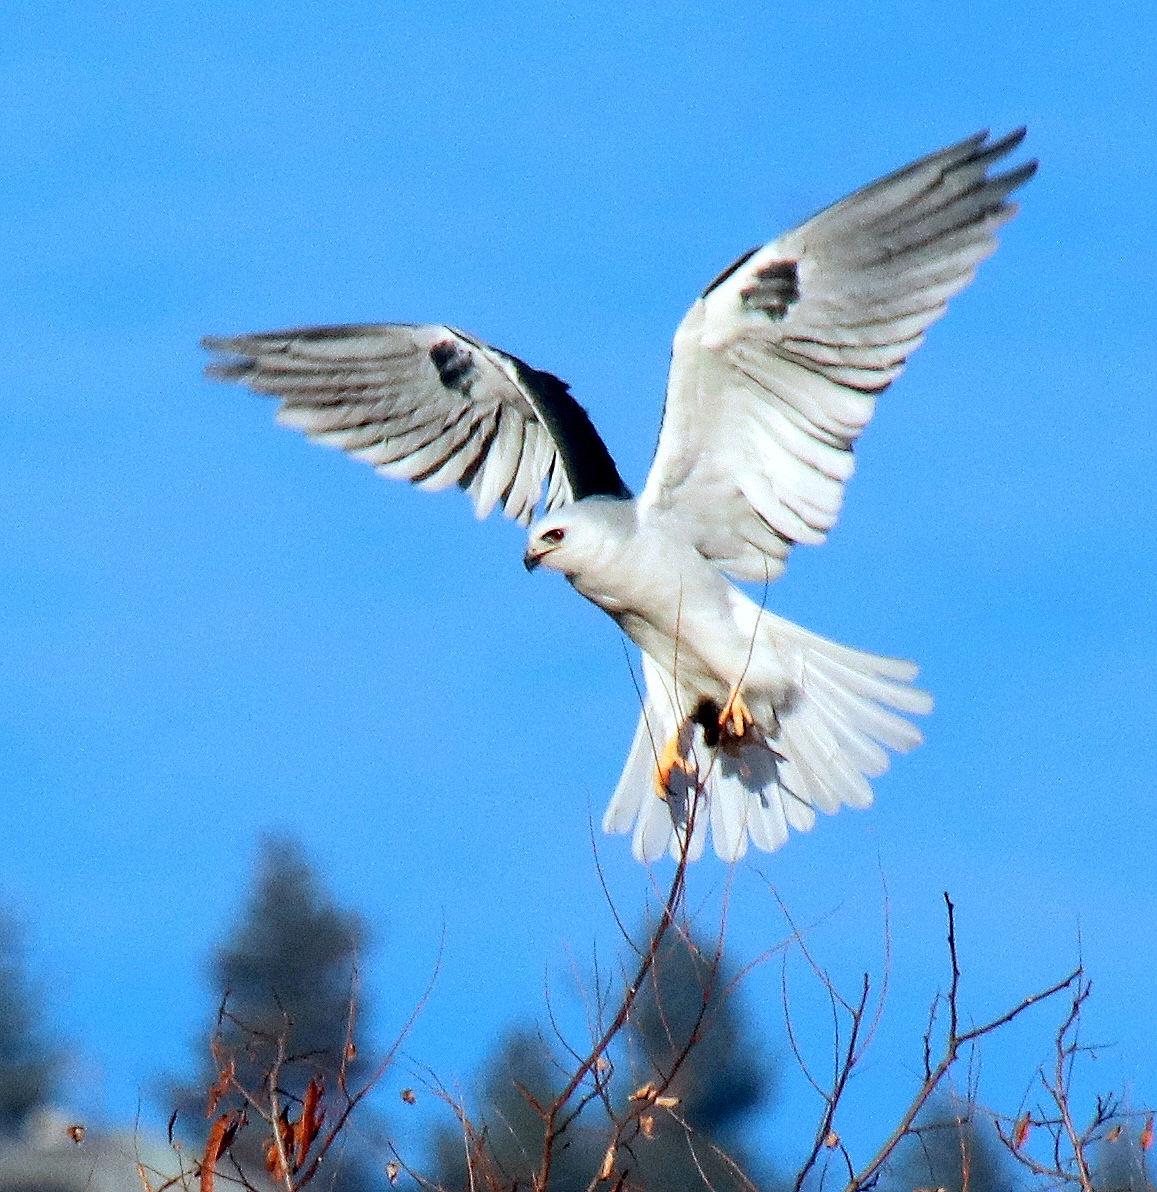 Pen in Hand #1485 - White-tailed Kite Pair 2.jpg